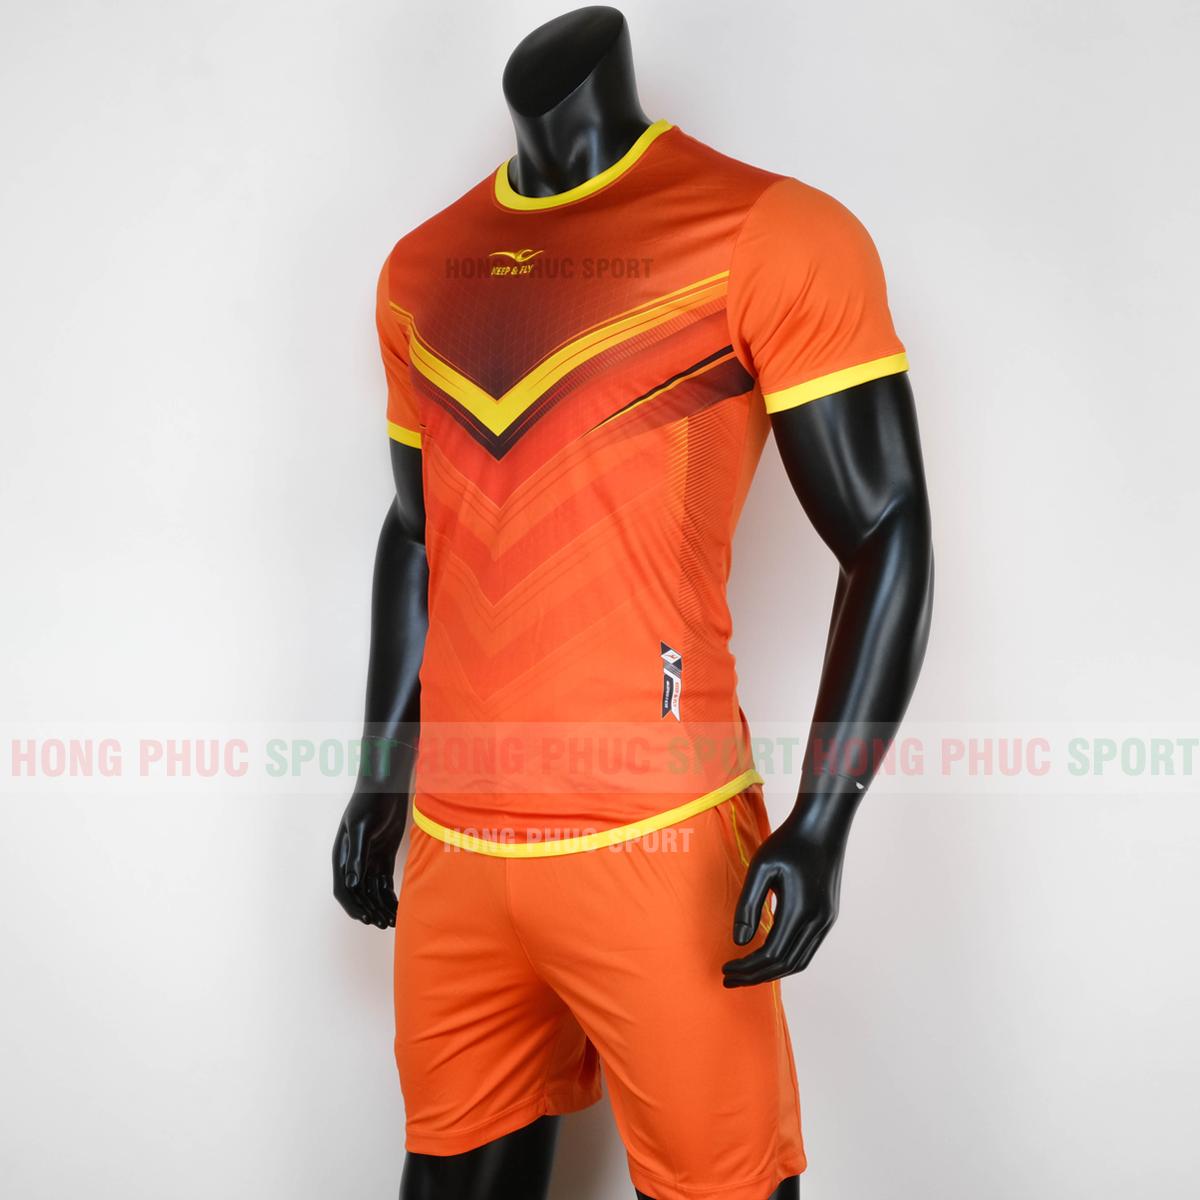 https://cdn.hongphucsport.com/unsafe/cdn.hongphucsport.com/dothethao.net.vn/wp-content/uploads/2019/12/ao-bong-da-khong-logo-monster-keep-fly-2020-mau-cam-2.png